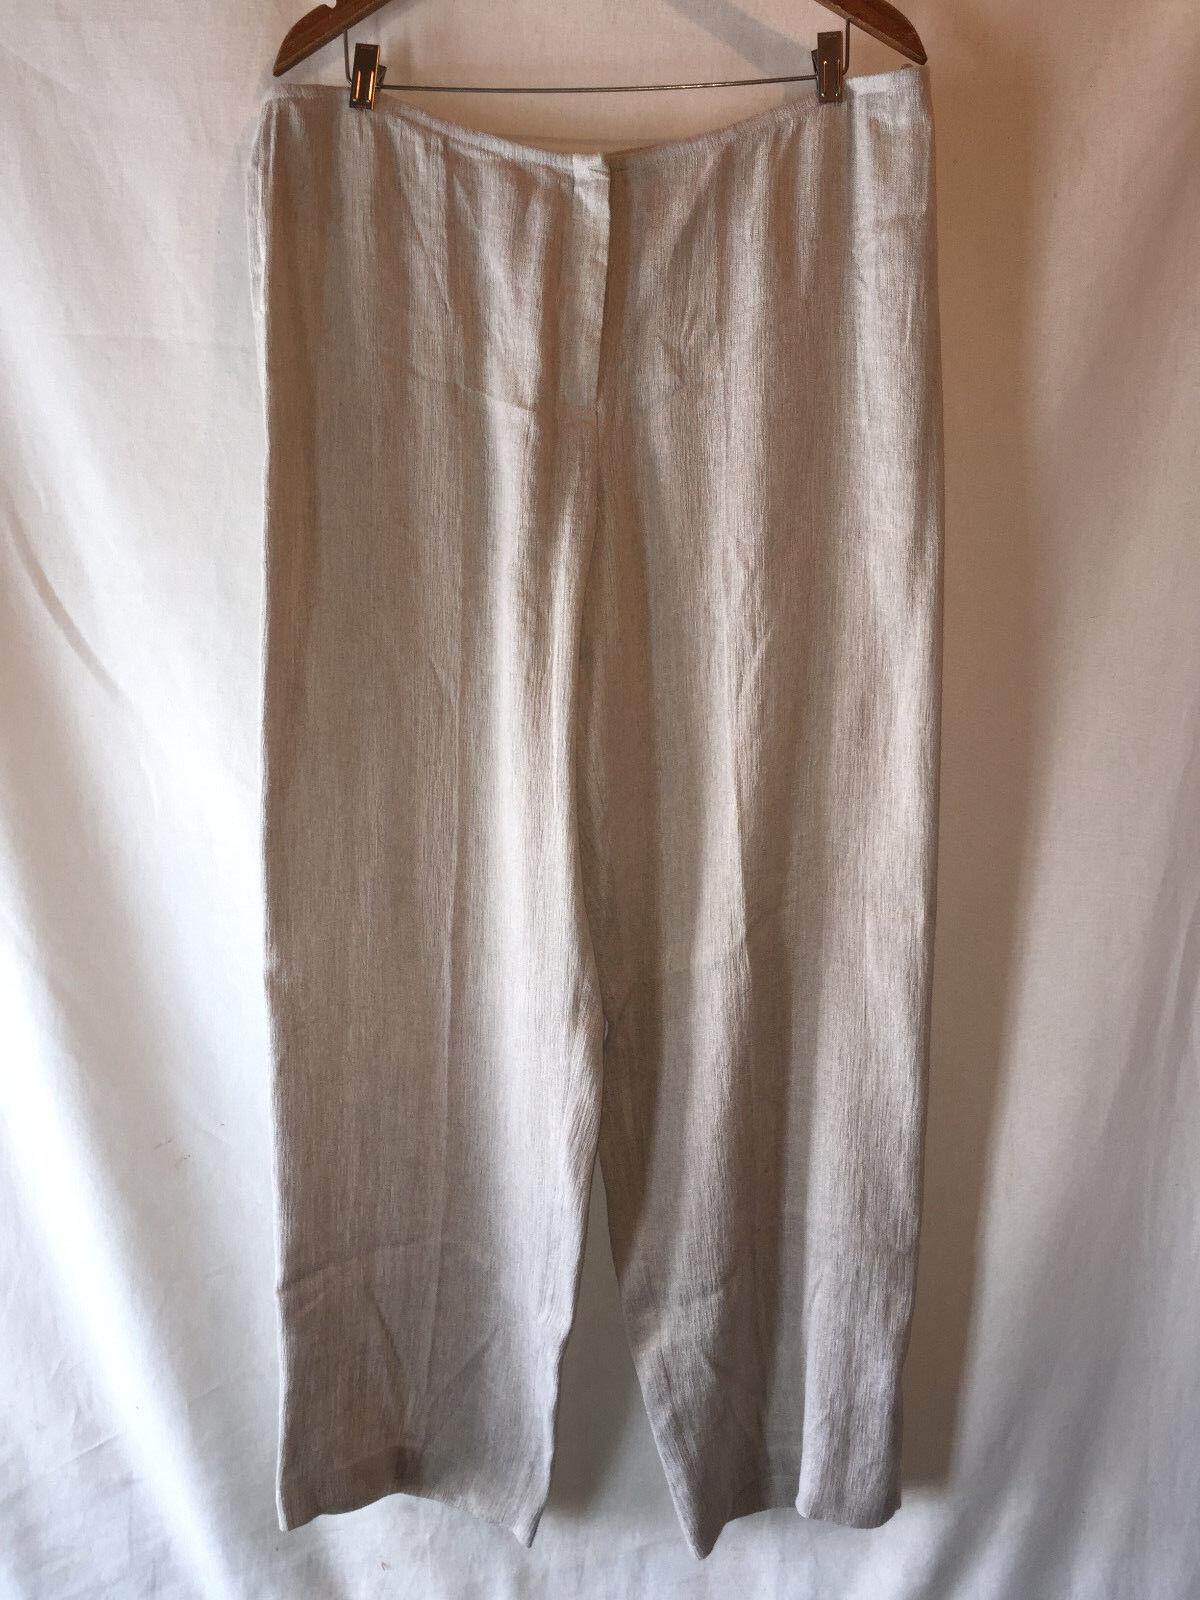 EILEEN FISHER Elegante Largo Simple  Beige Con textura Lino Algodón Pantalones Pantalones XL  tienda de ventas outlet